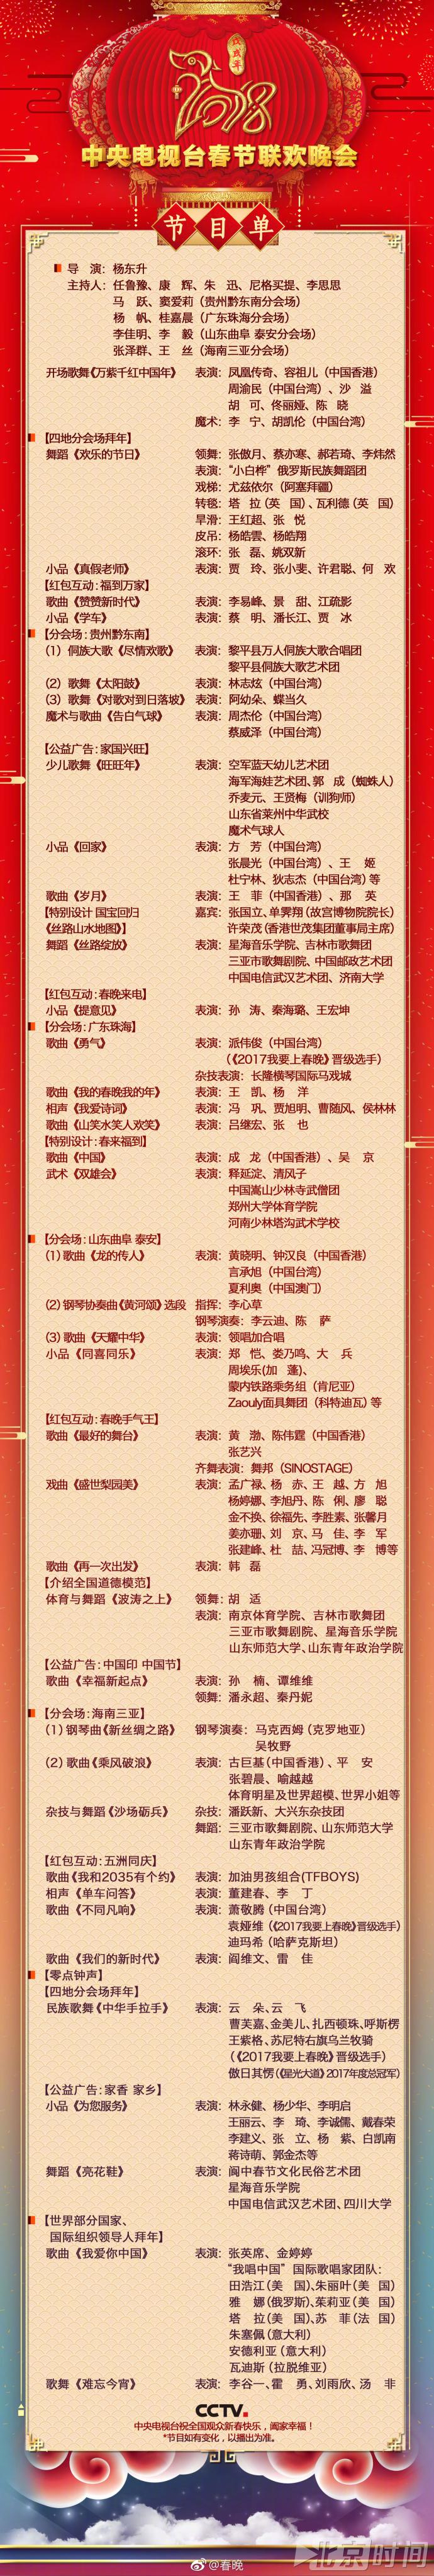 2018年春晚节目单新鲜出炉!|公司新闻-张家口国特环保工程有限公司